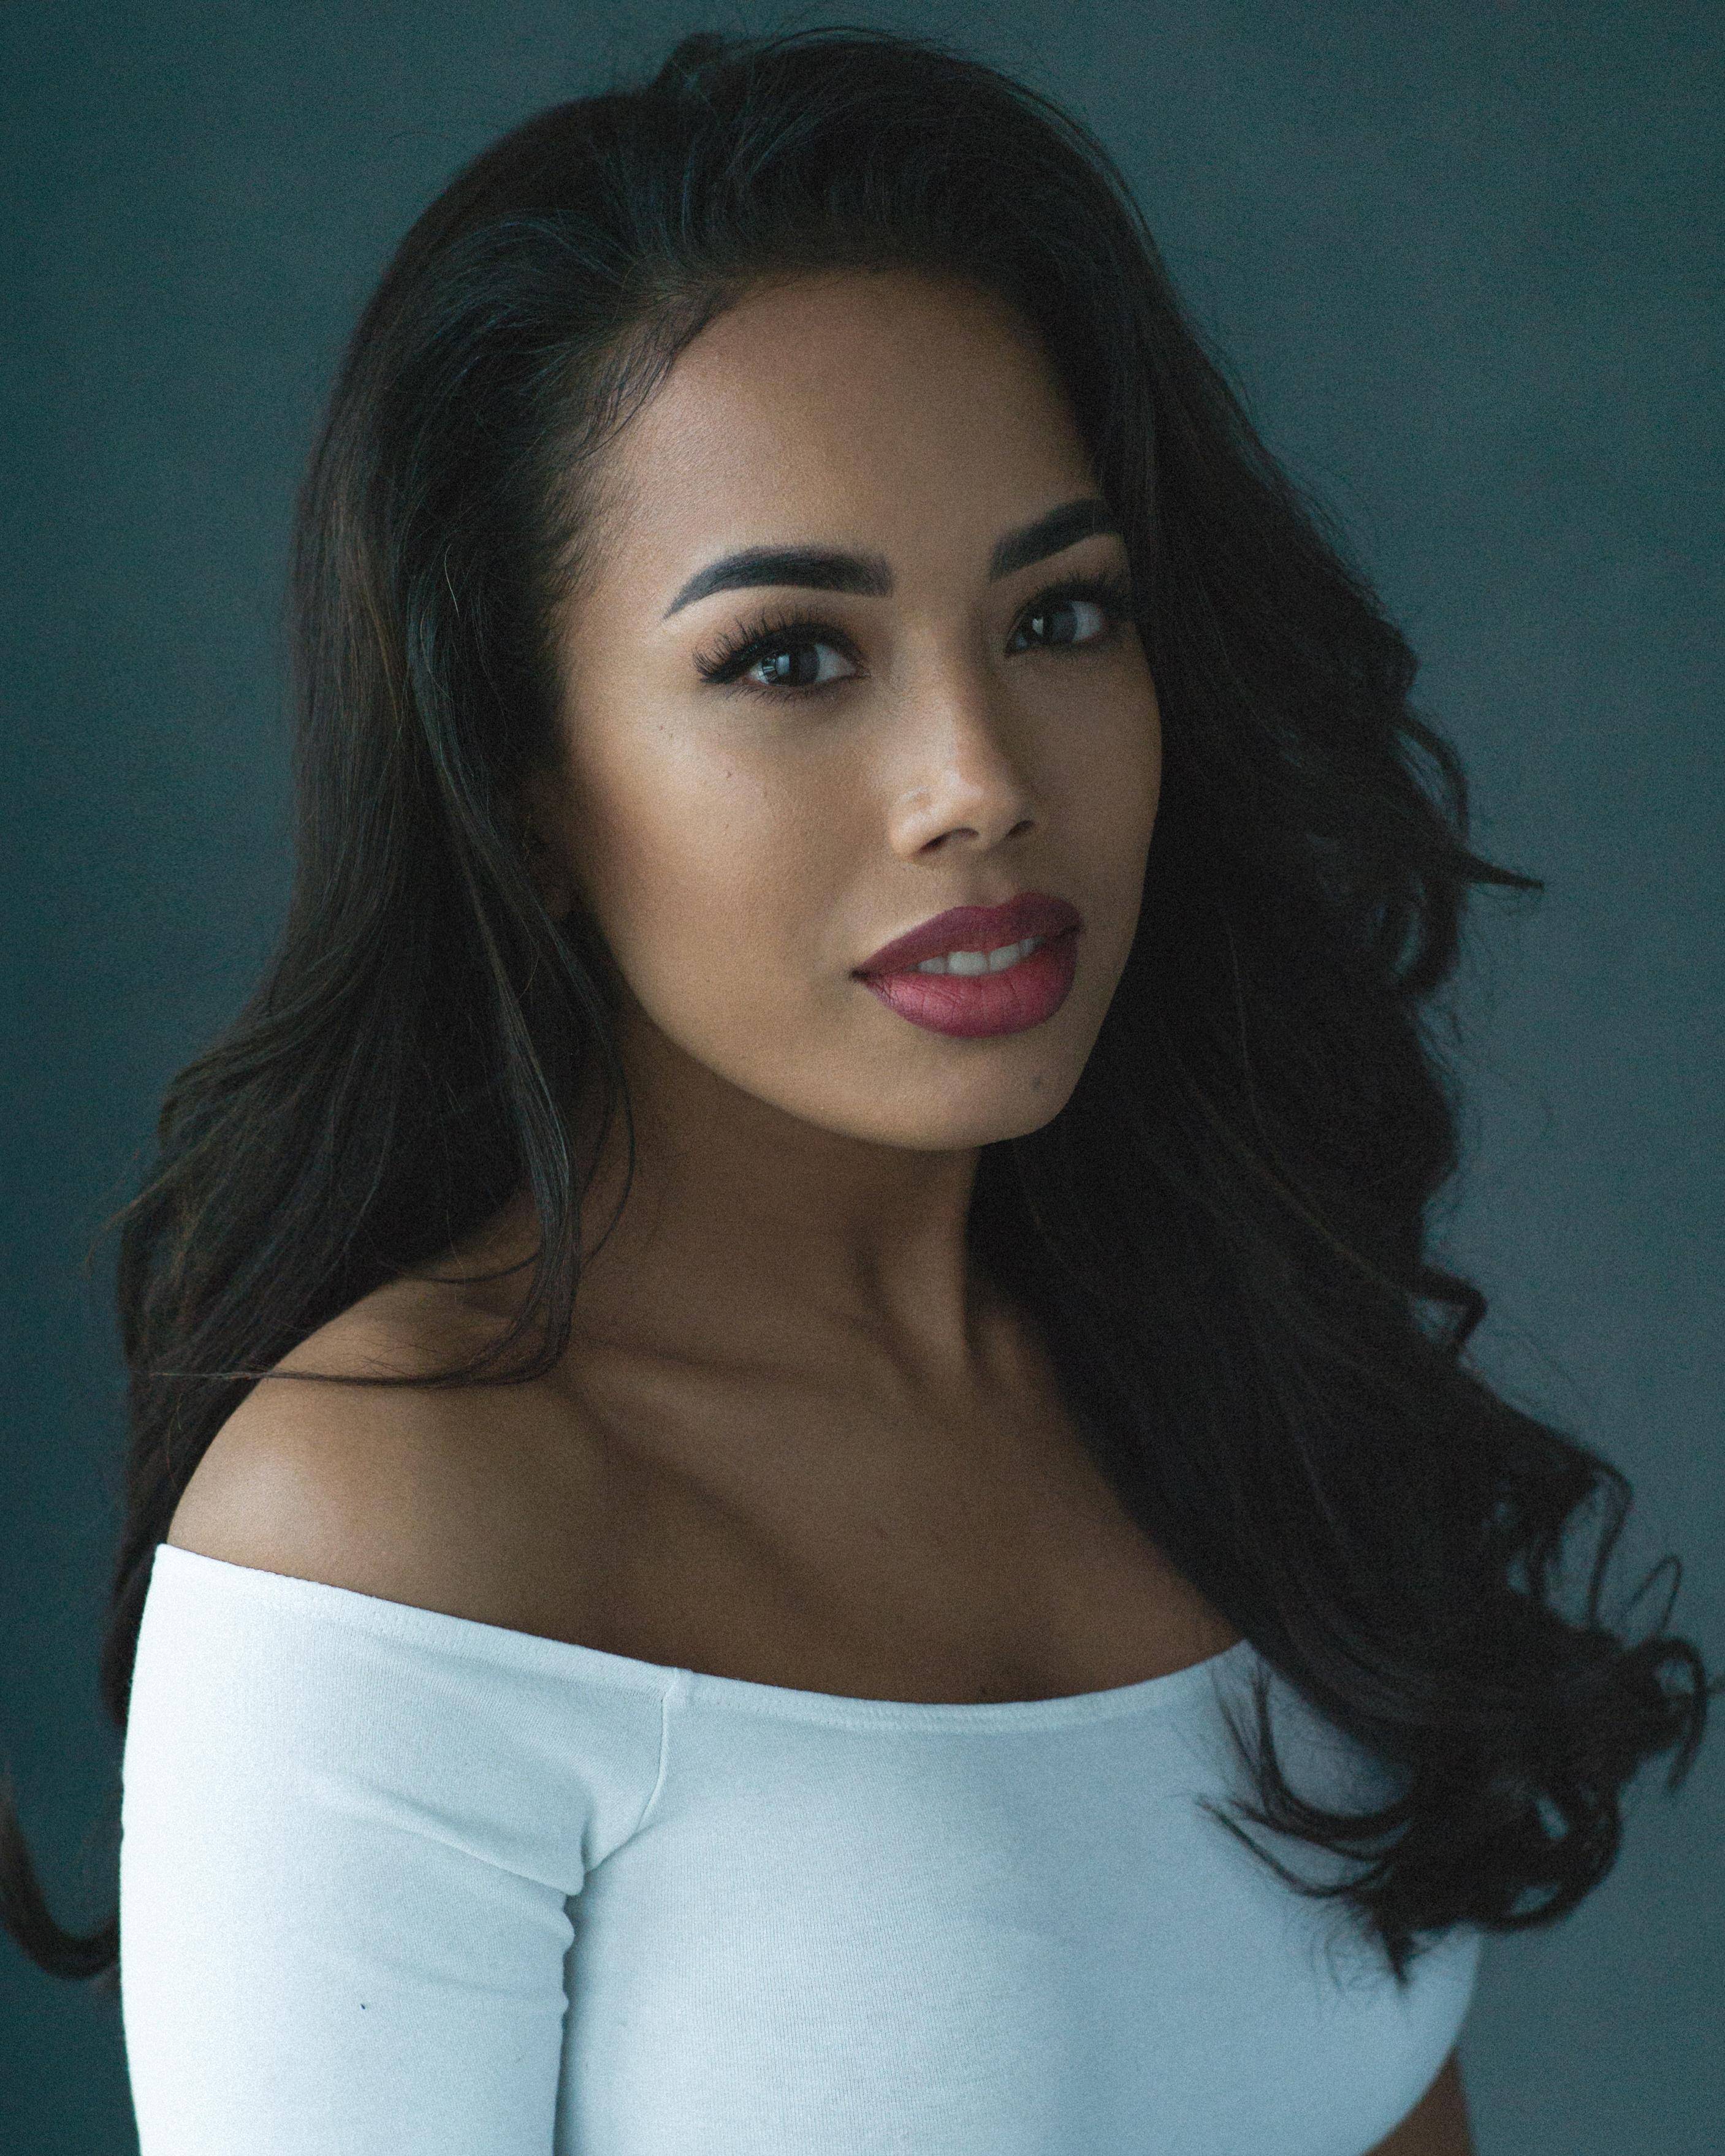 Jade Ewen